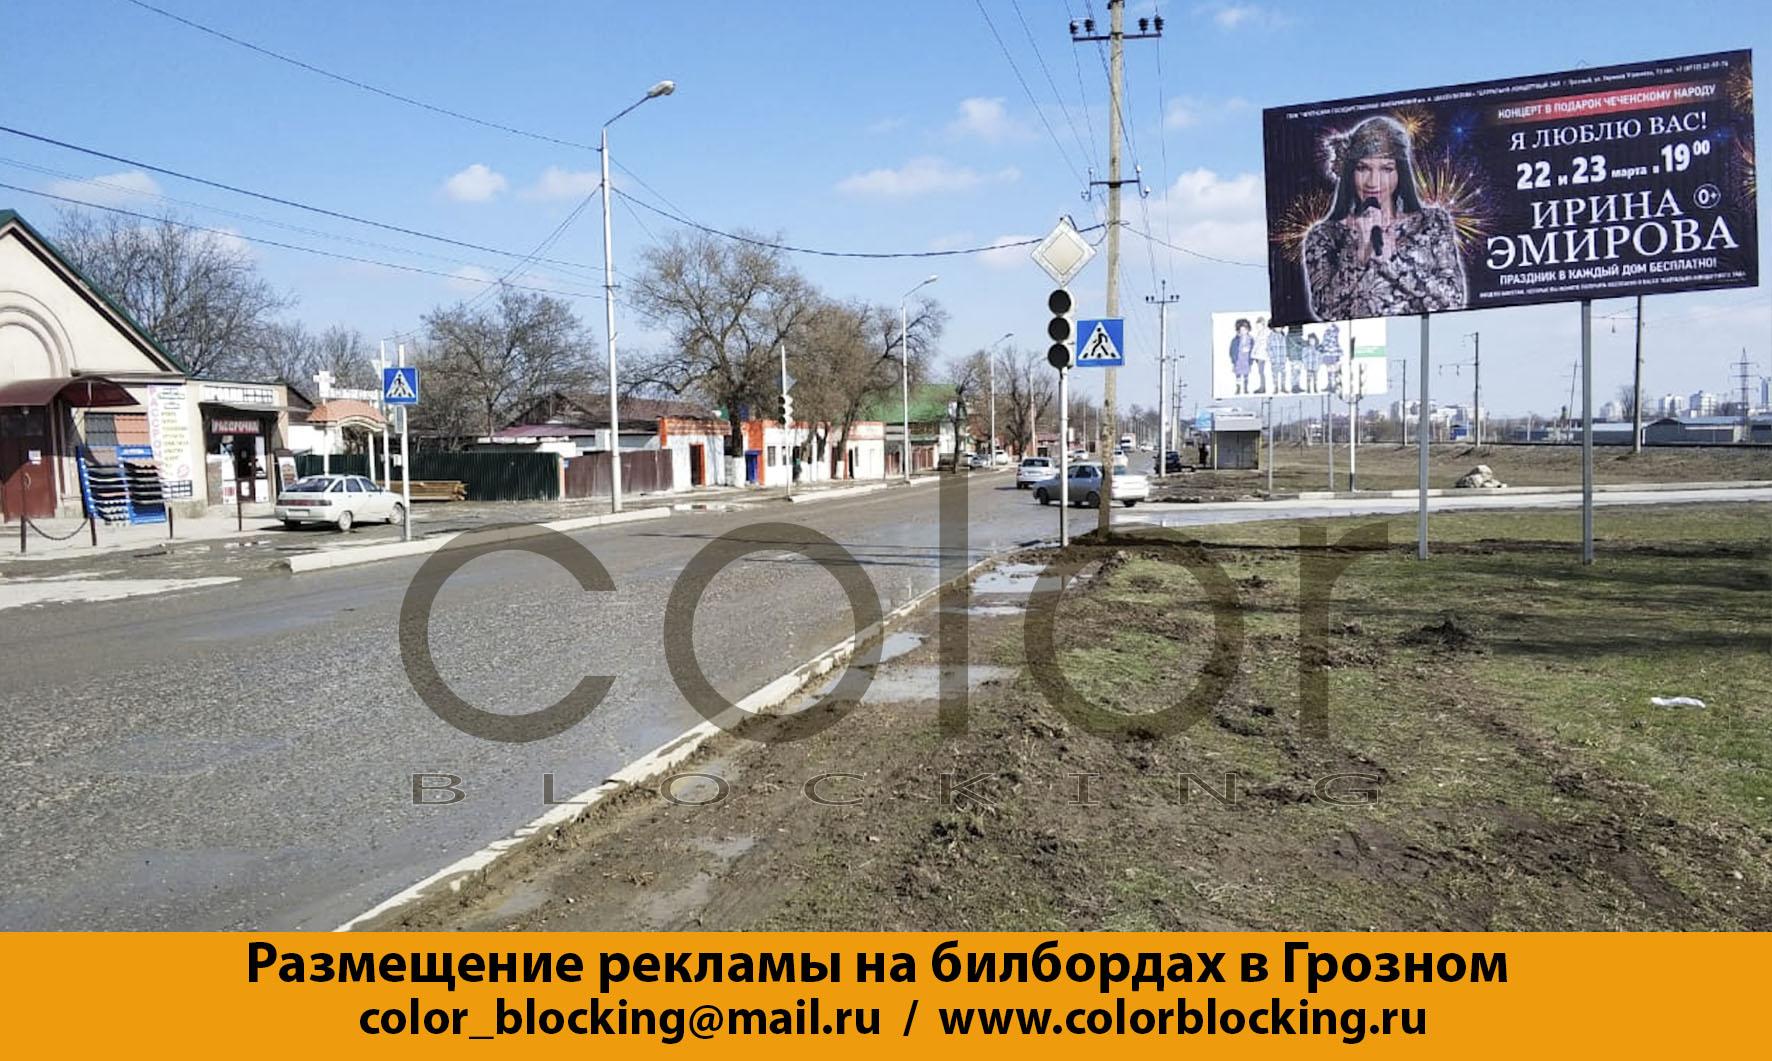 Реклама в Грозном на билбордах Индустриальная